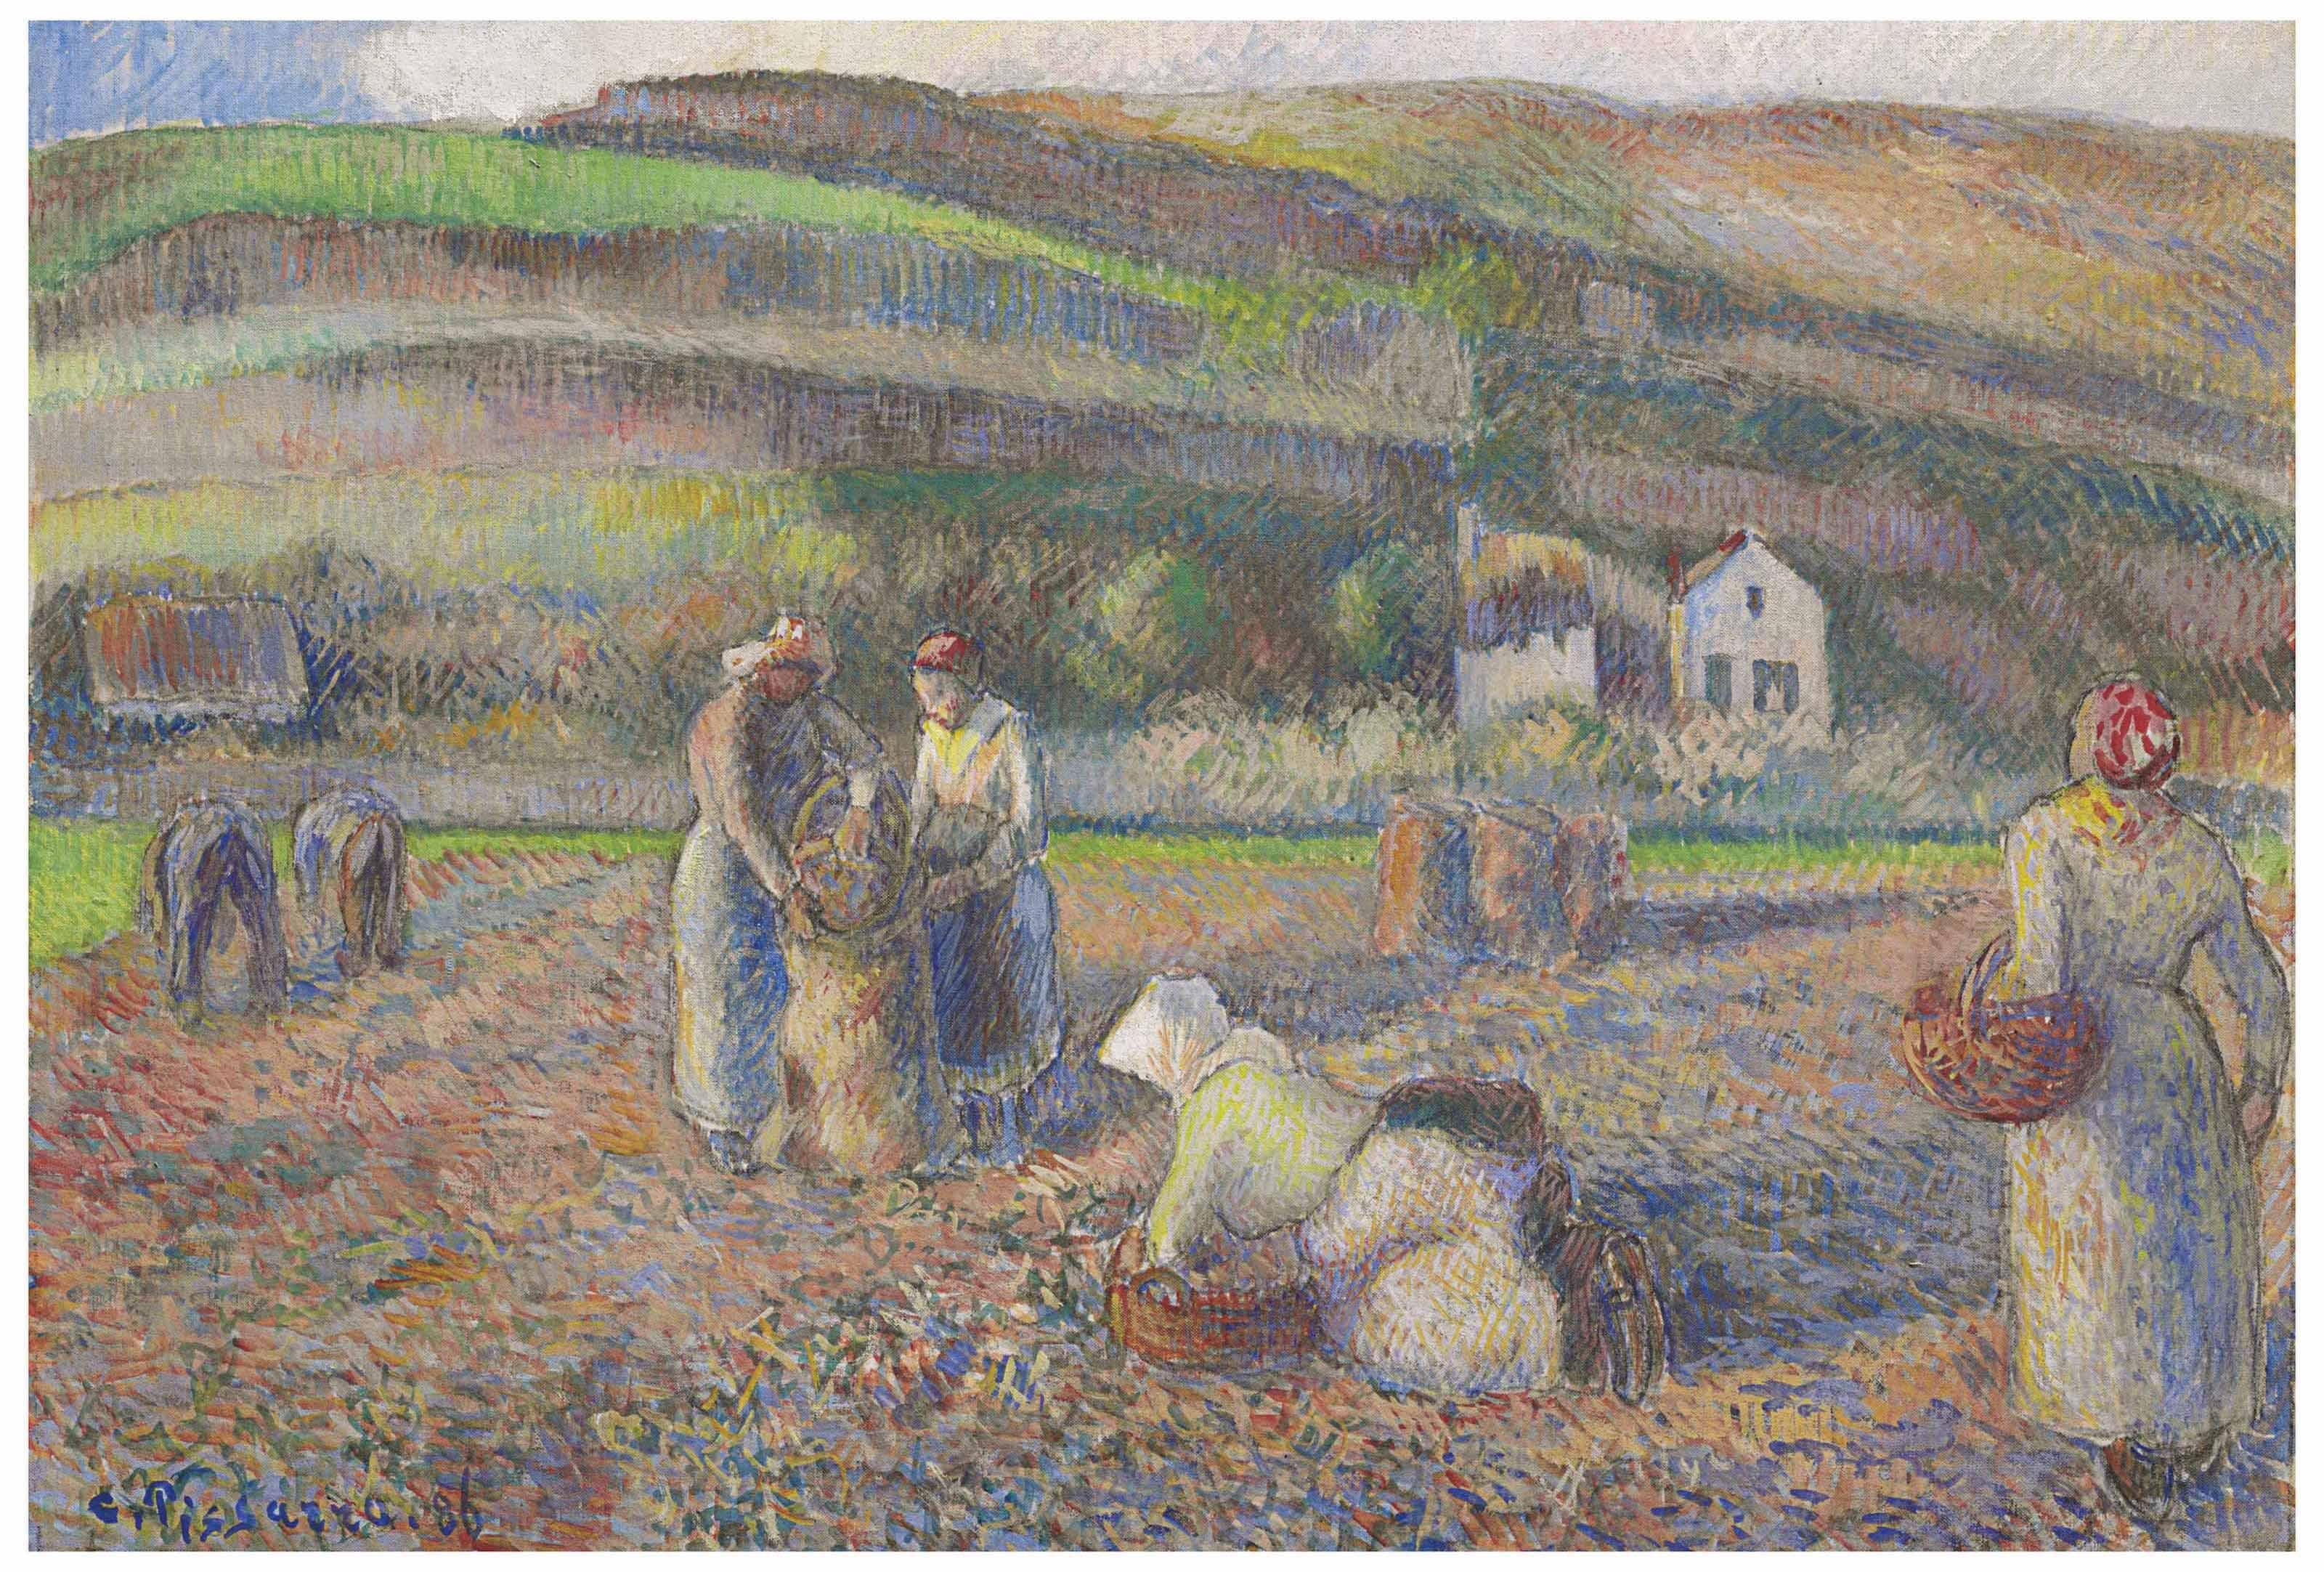 Camille pissarro 1830 1903 la r colte des pommes de terre christie 39 s - Recolte des pommes de terre ...